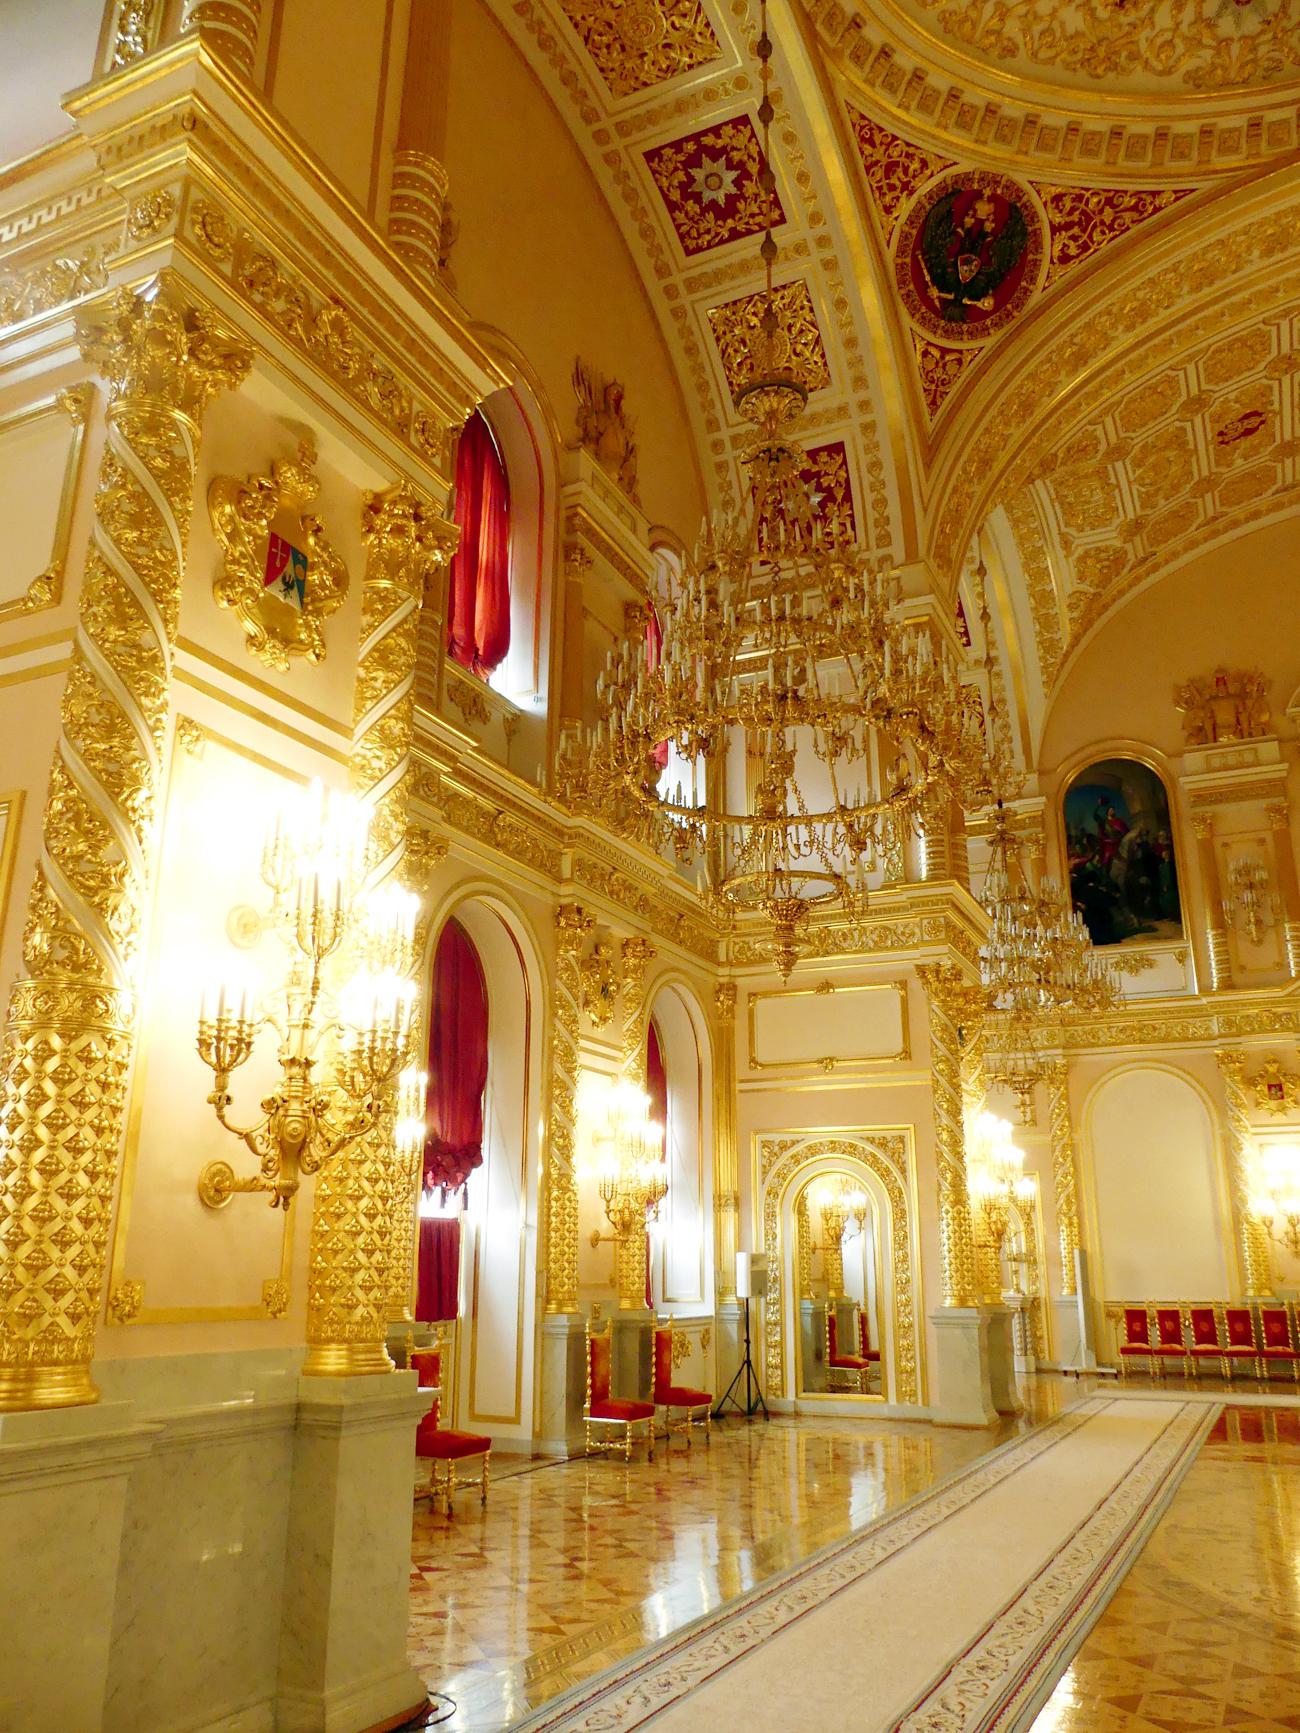 A escadaria de honra conduz a cinco salões solenes, denominados conforme as cinco ordens honoríficas russas: São Jorge, Santo André, Santo Aleksandr, São Vladímir e Santa Catarina.